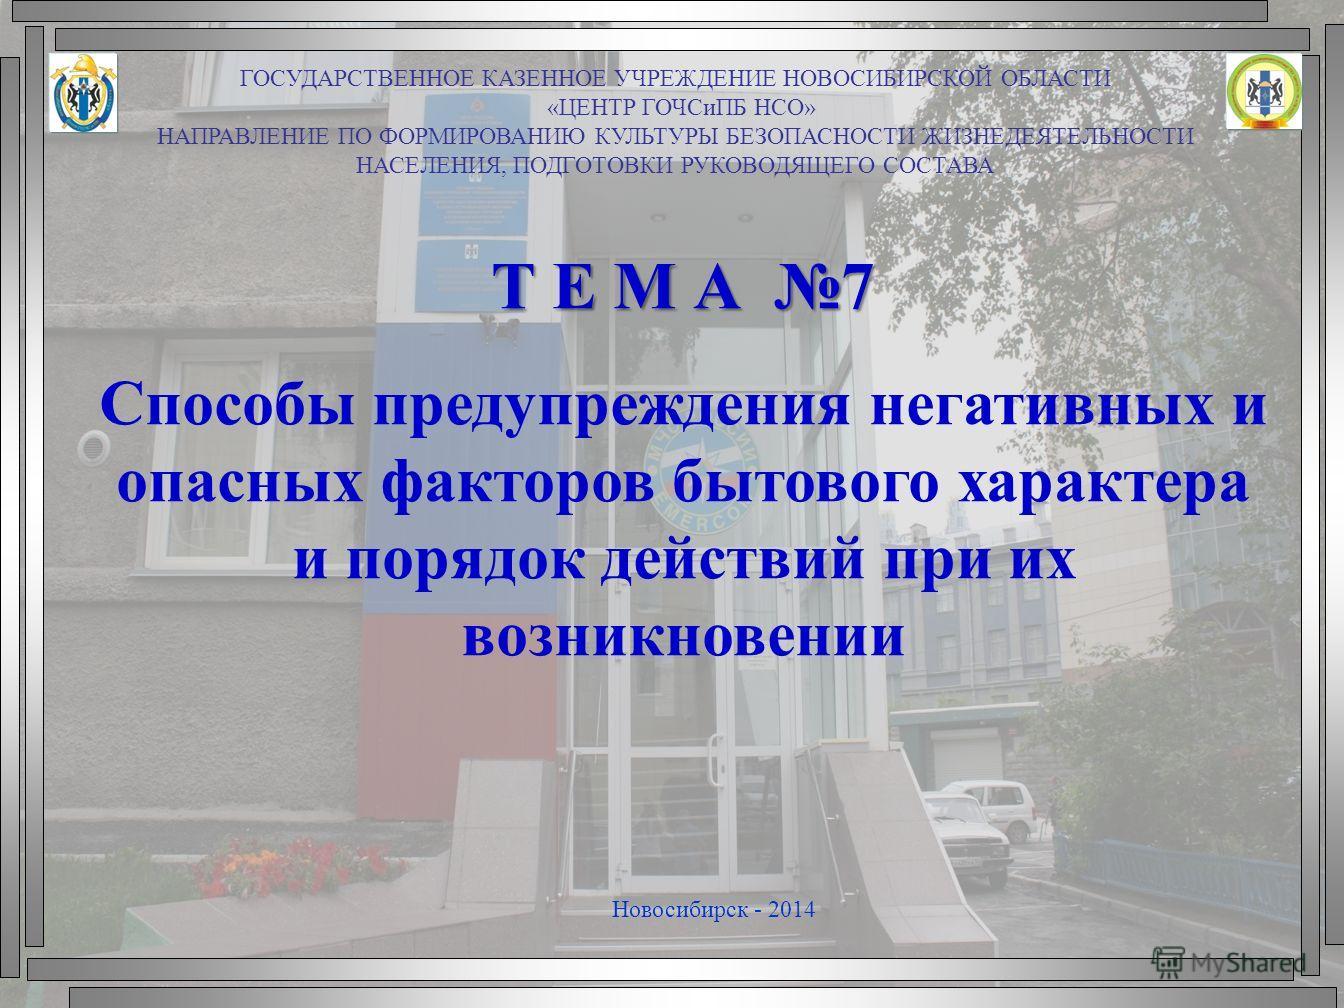 Т Е М А 7 Способы предупреждения негативных и опасных факторов бытового характера и порядок действий при их возникновении Новосибирск - 2014 ГОСУДАРСТВЕННОЕ КАЗЕННОЕ УЧРЕЖДЕНИЕ НОВОСИБИРСКОЙ ОБЛАСТИ «ЦЕНТР ГОЧСиПБ НСО» НАПРАВЛЕНИЕ ПО ФОРМИРОВАНИЮ КУЛ